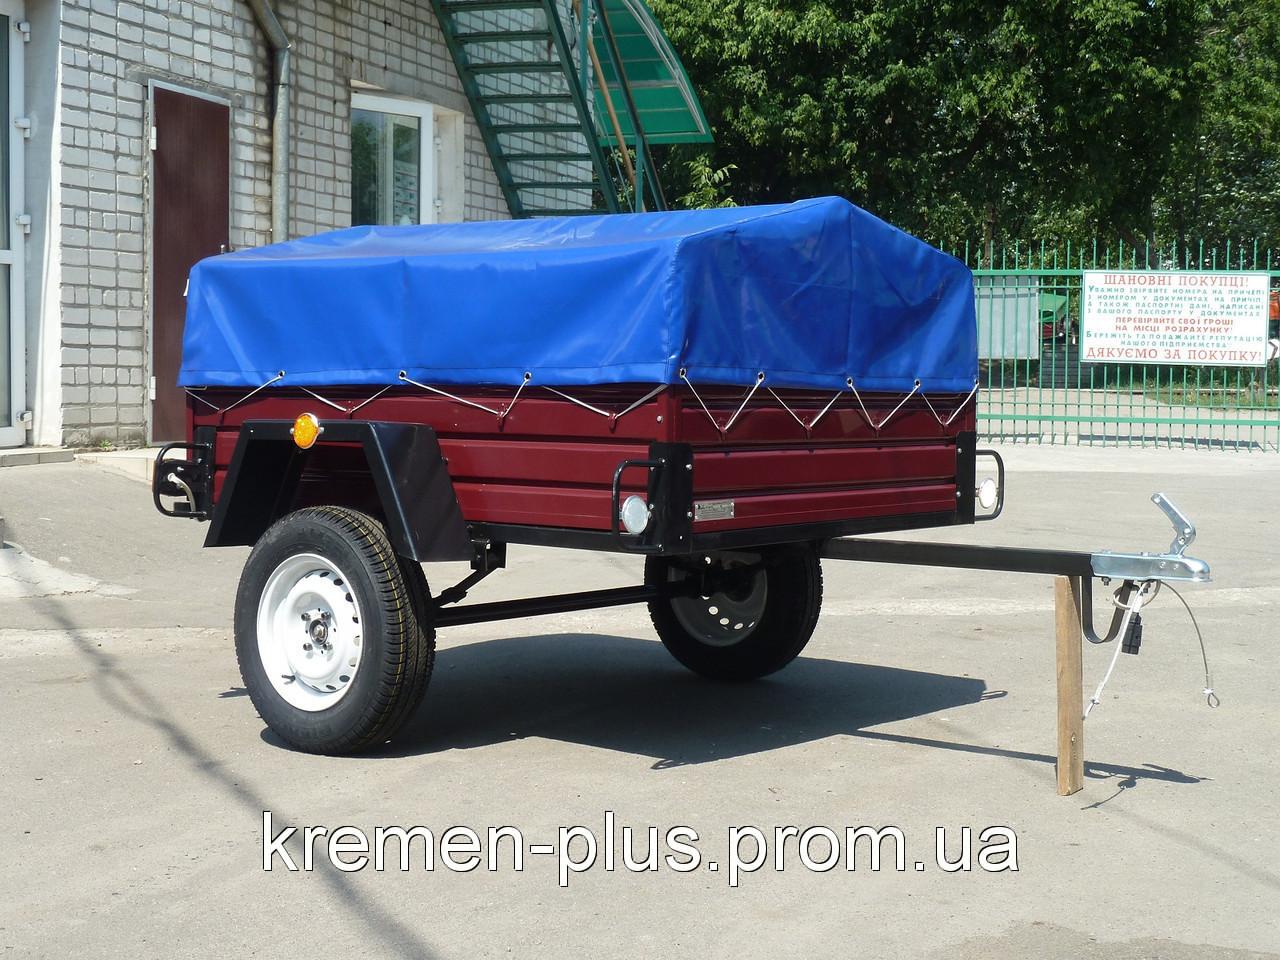 Продам одноосный легковой прицеп в Одессе для автомобиля, фото 1